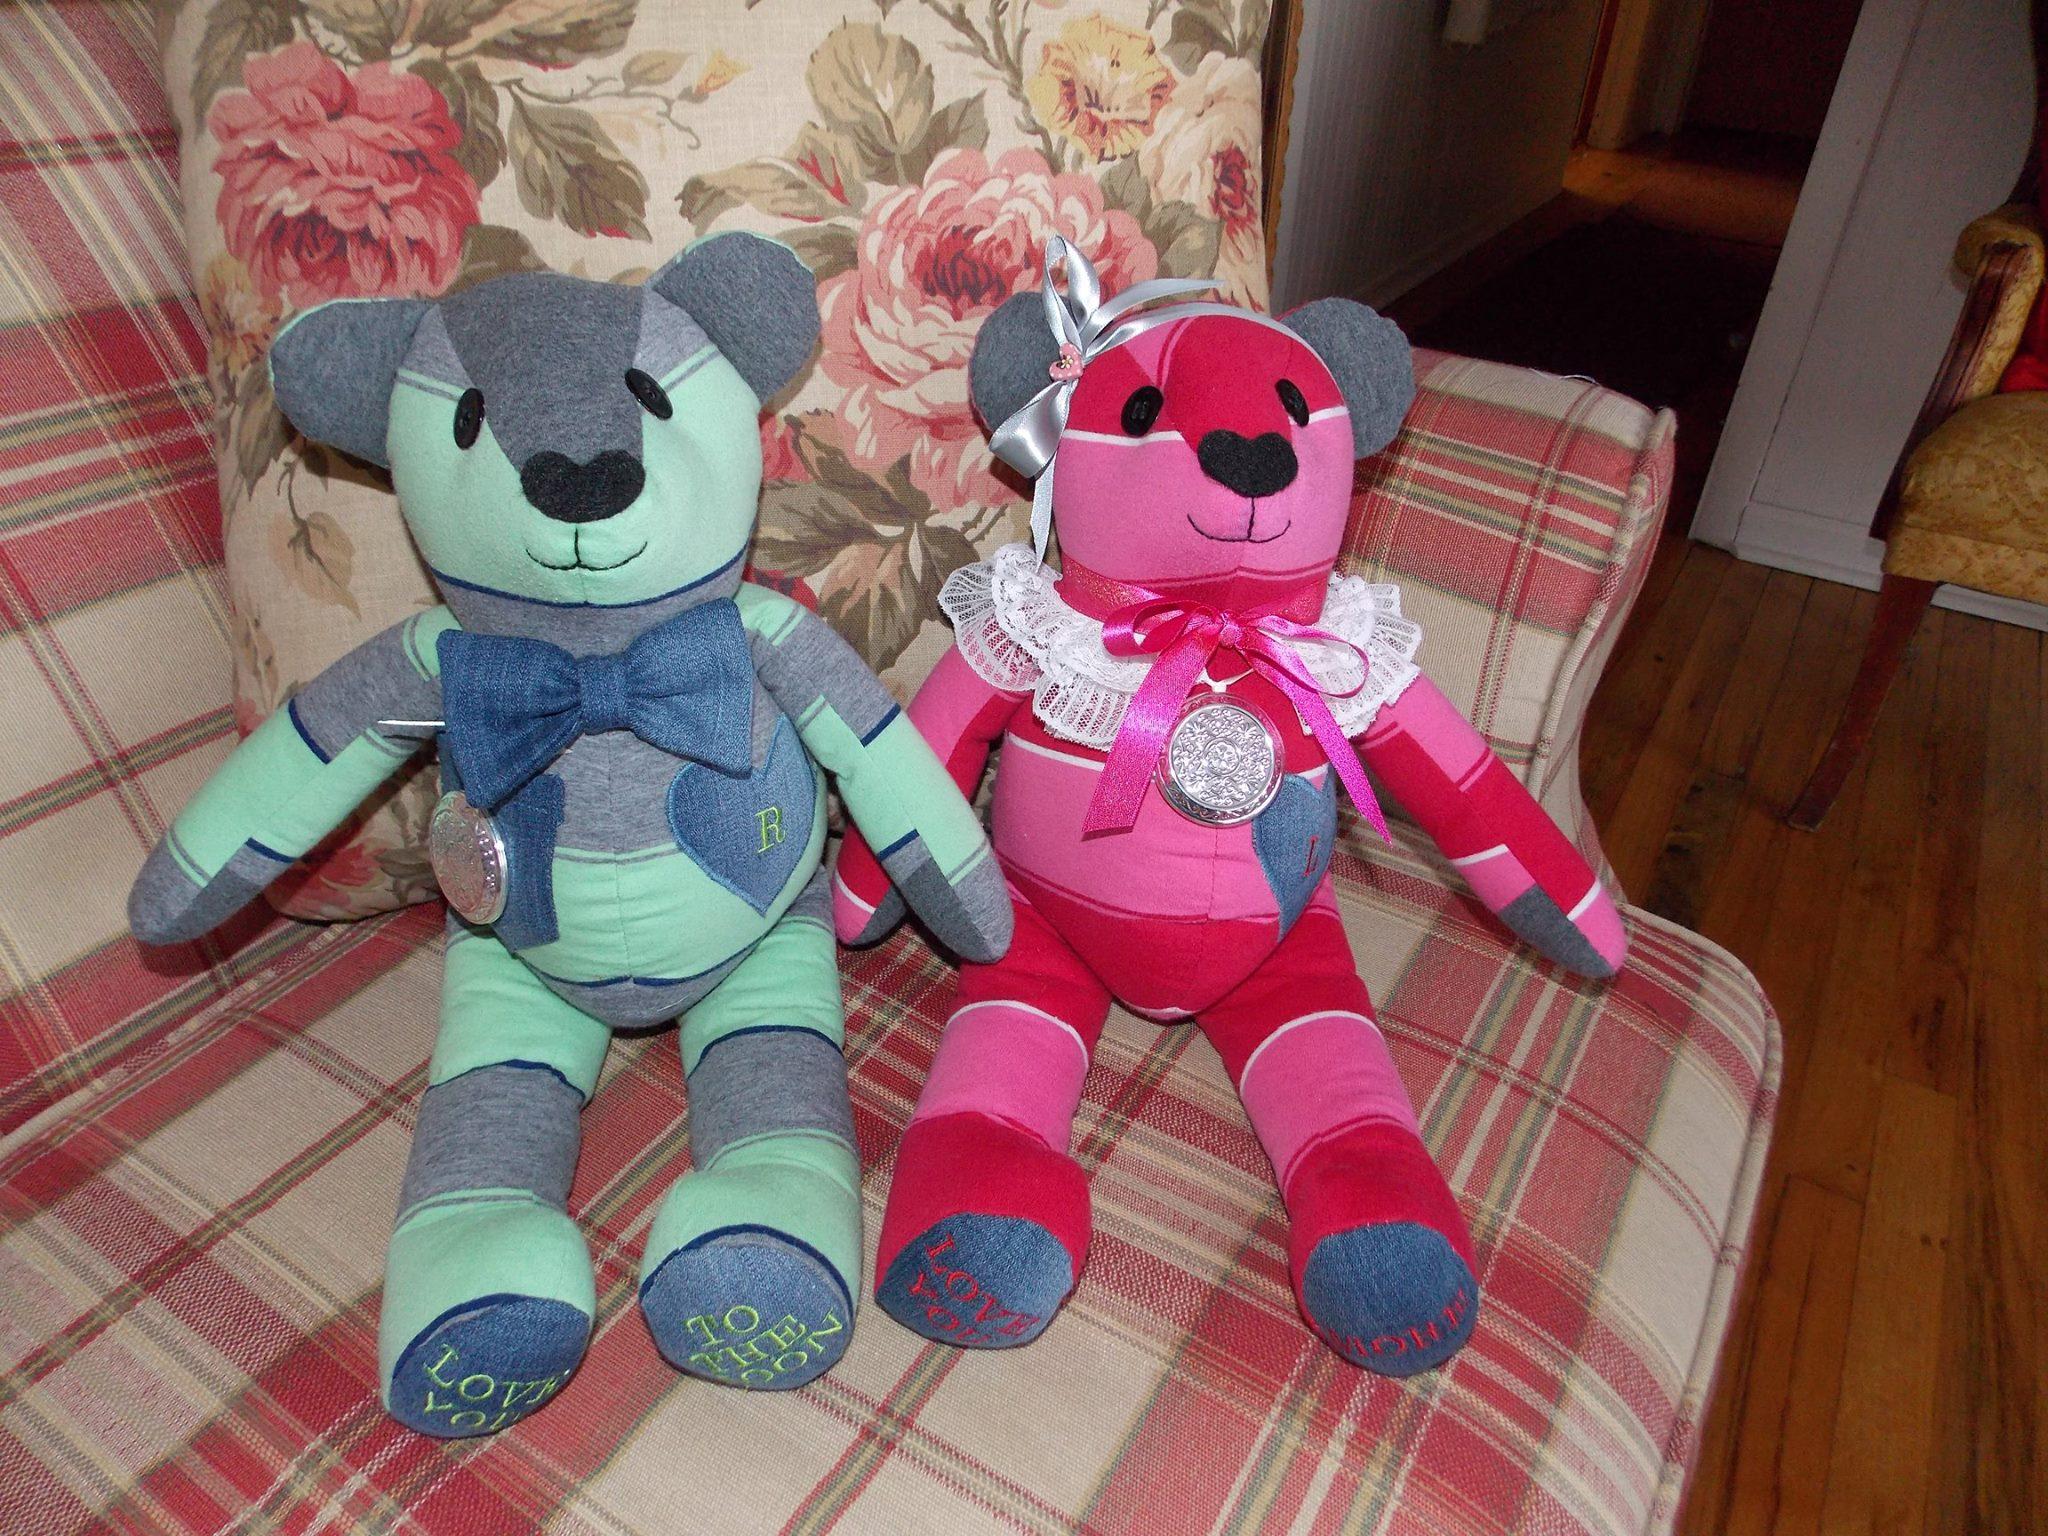 PJ bears.jpg